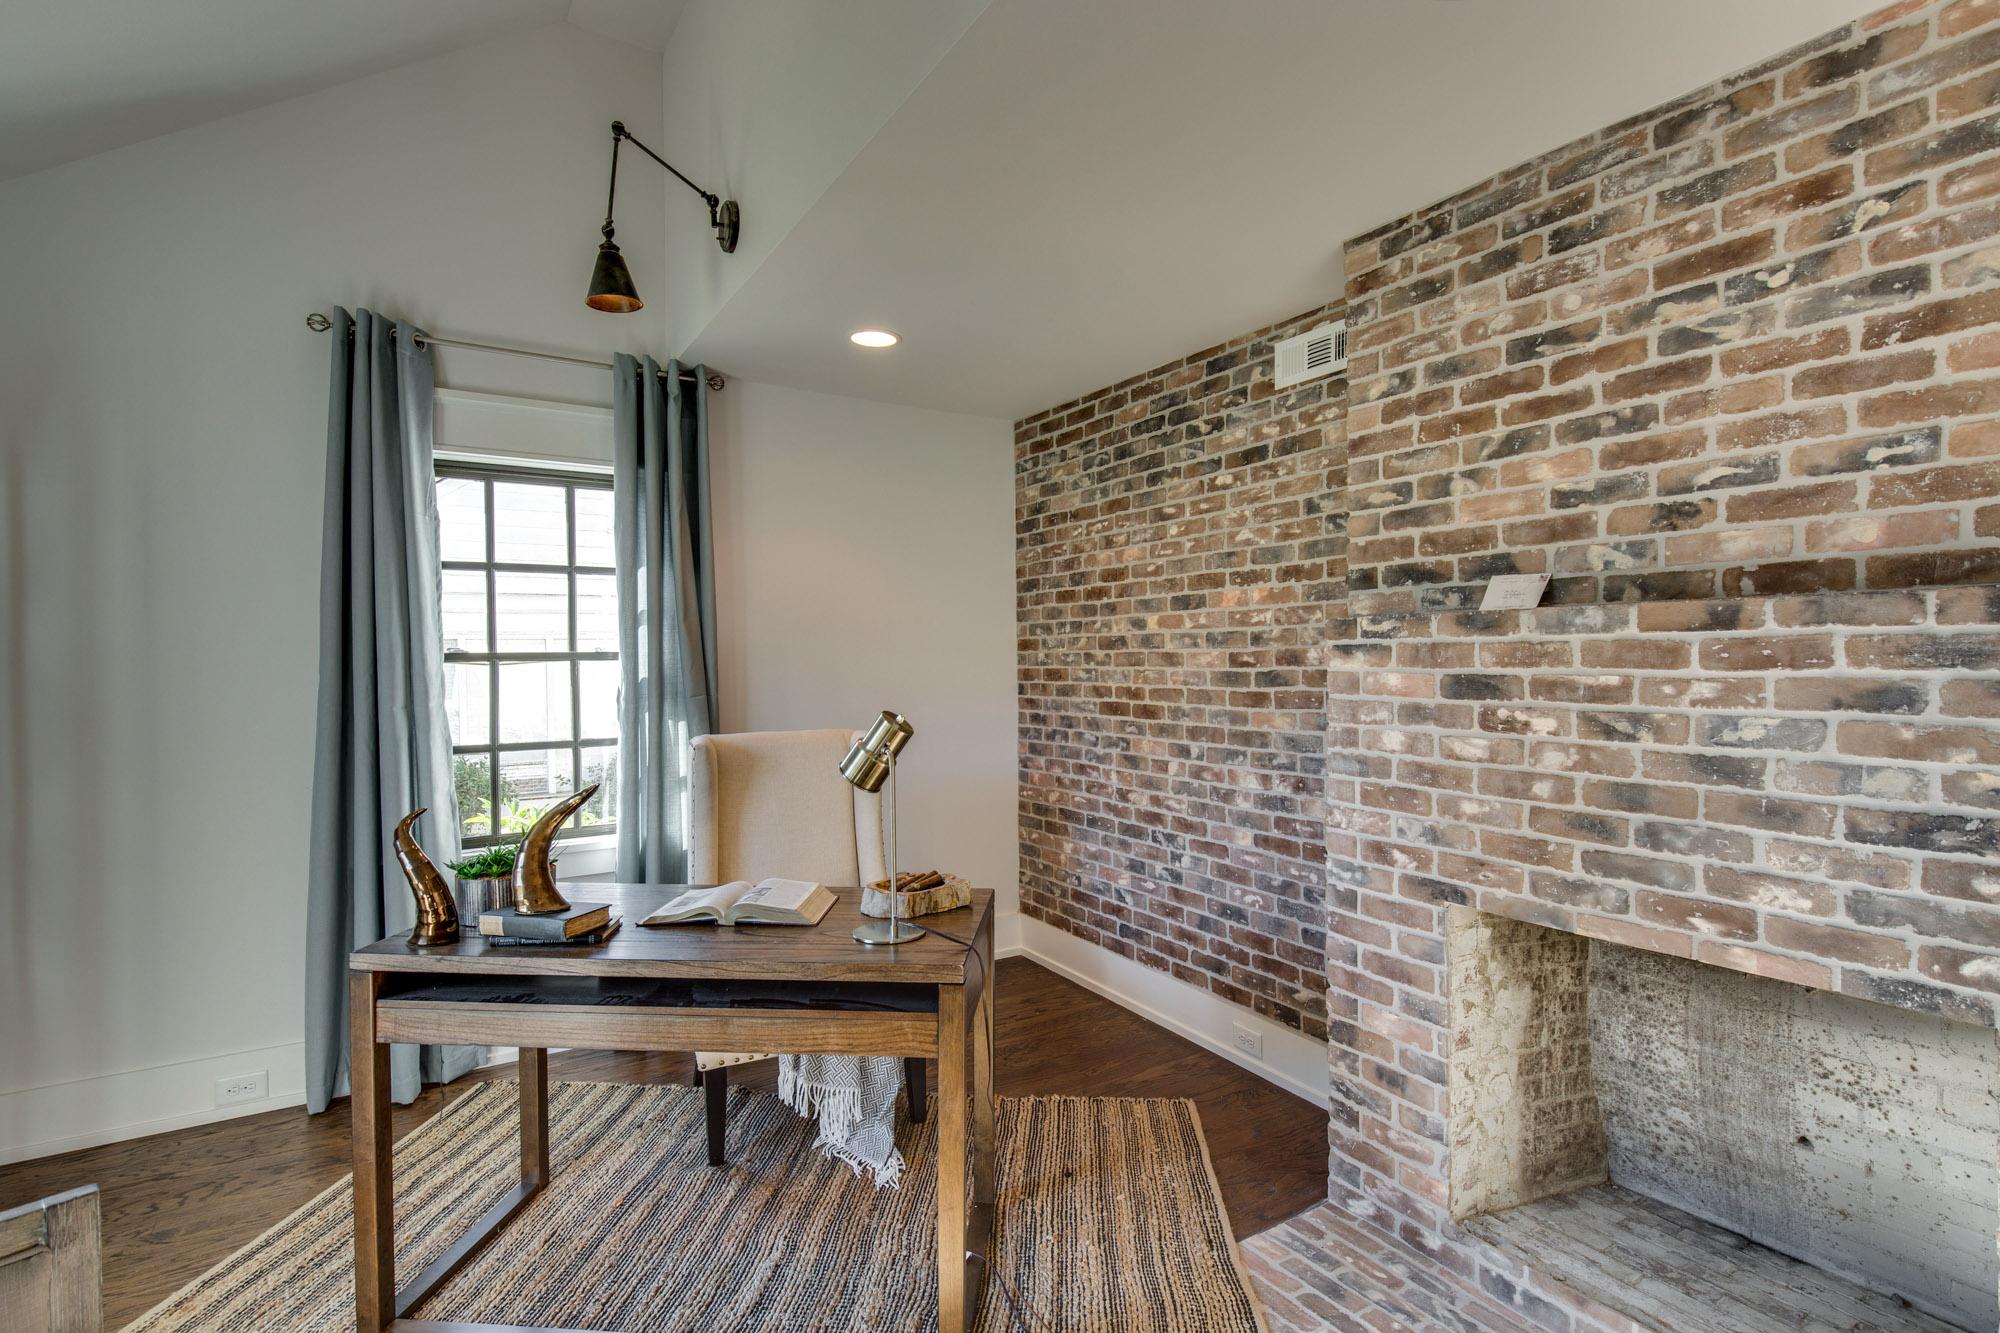 nashville-home-remodel-renovation-custom-home-tennessee-britt-development-group-1008.jpg